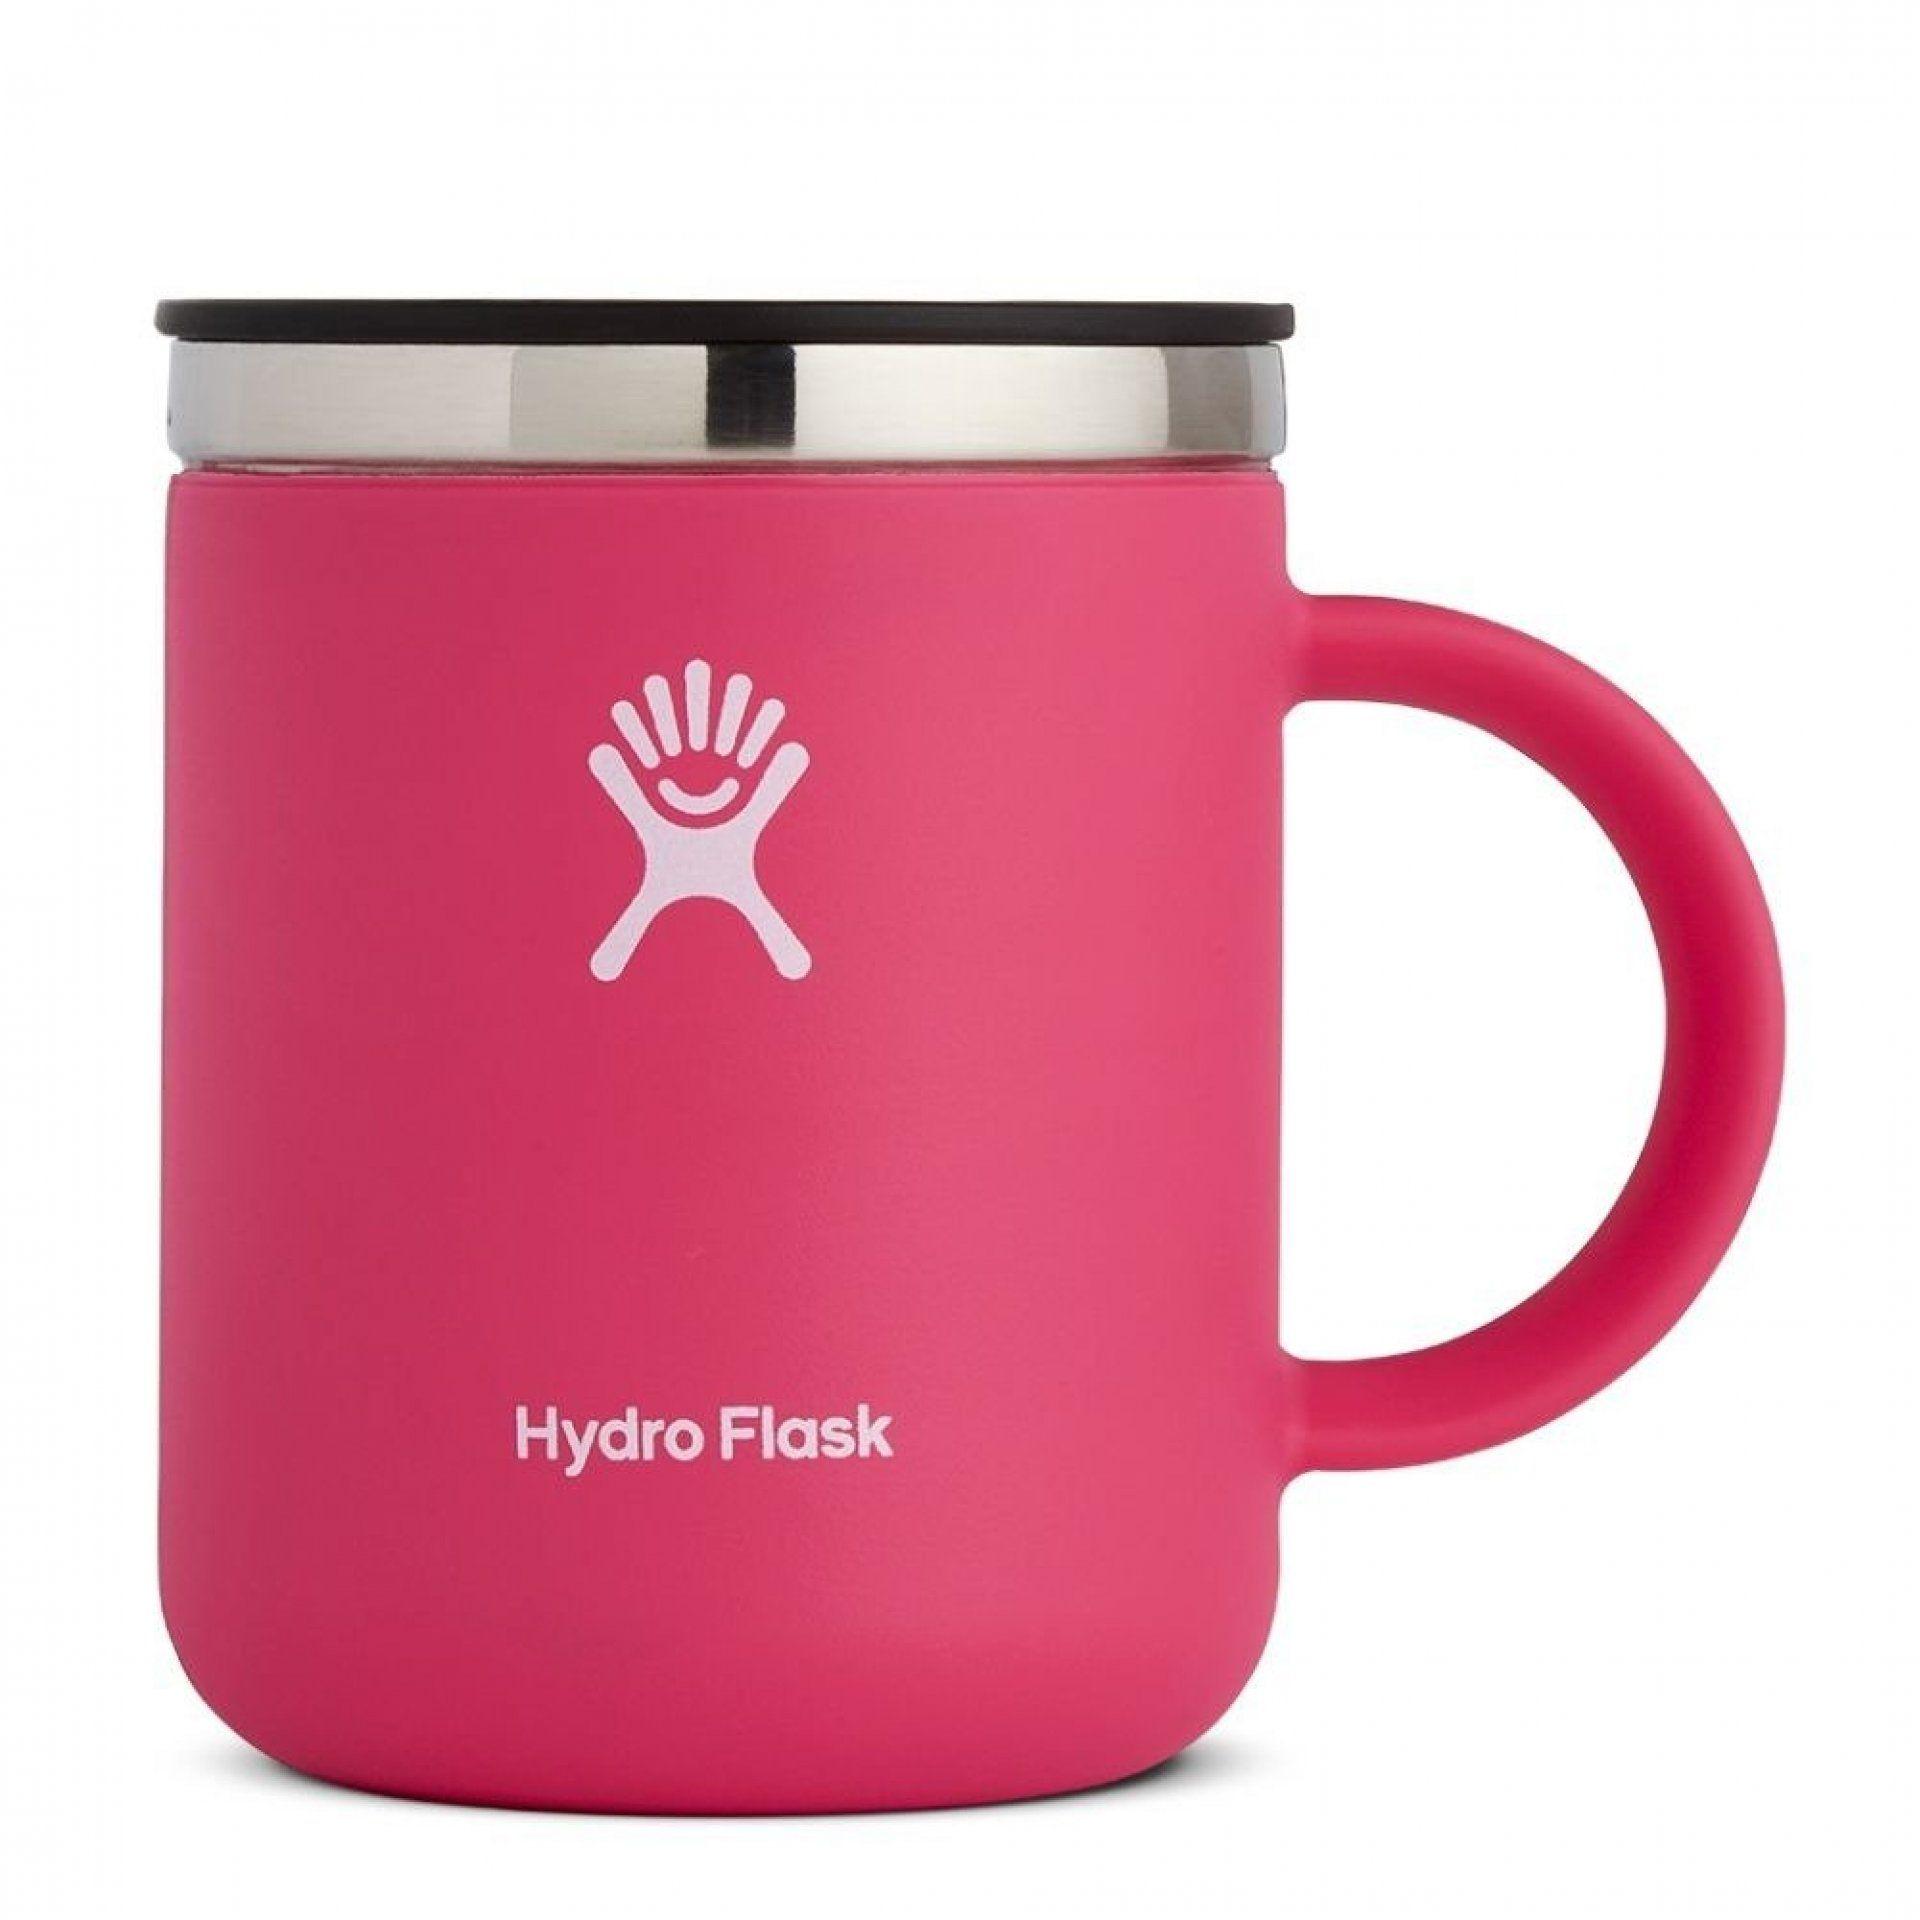 KUBEK TERMICZNY HYDRO FLASK 12 OZ COFFEE MUG WATERMELON